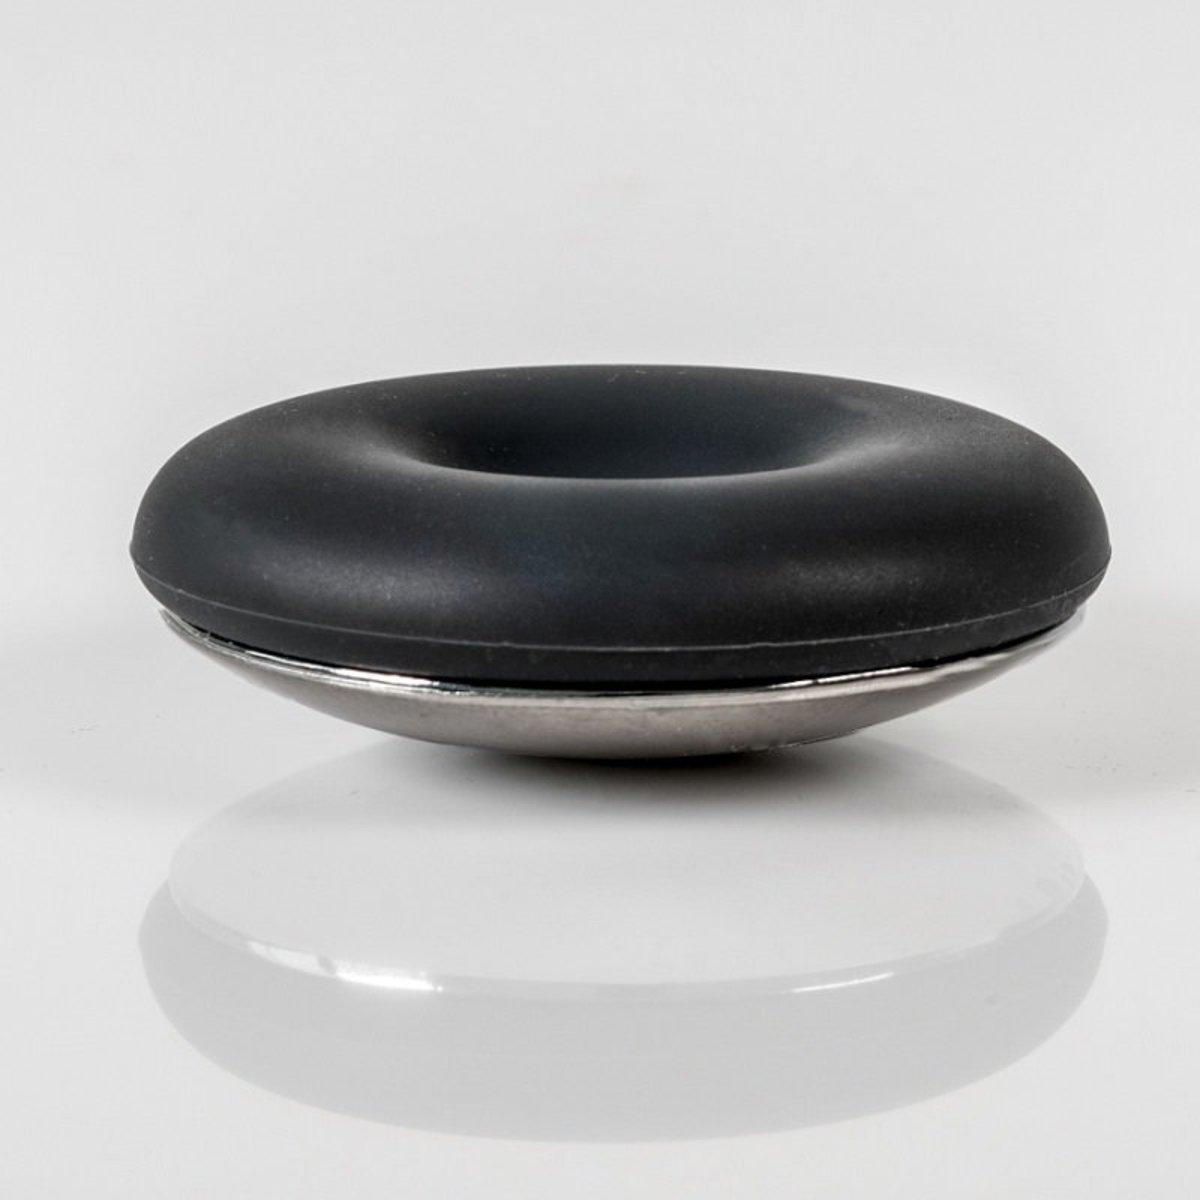 CABLE POD 多功能電線收納器 - 深灰色面+黑鋼底 (原廠行貨)